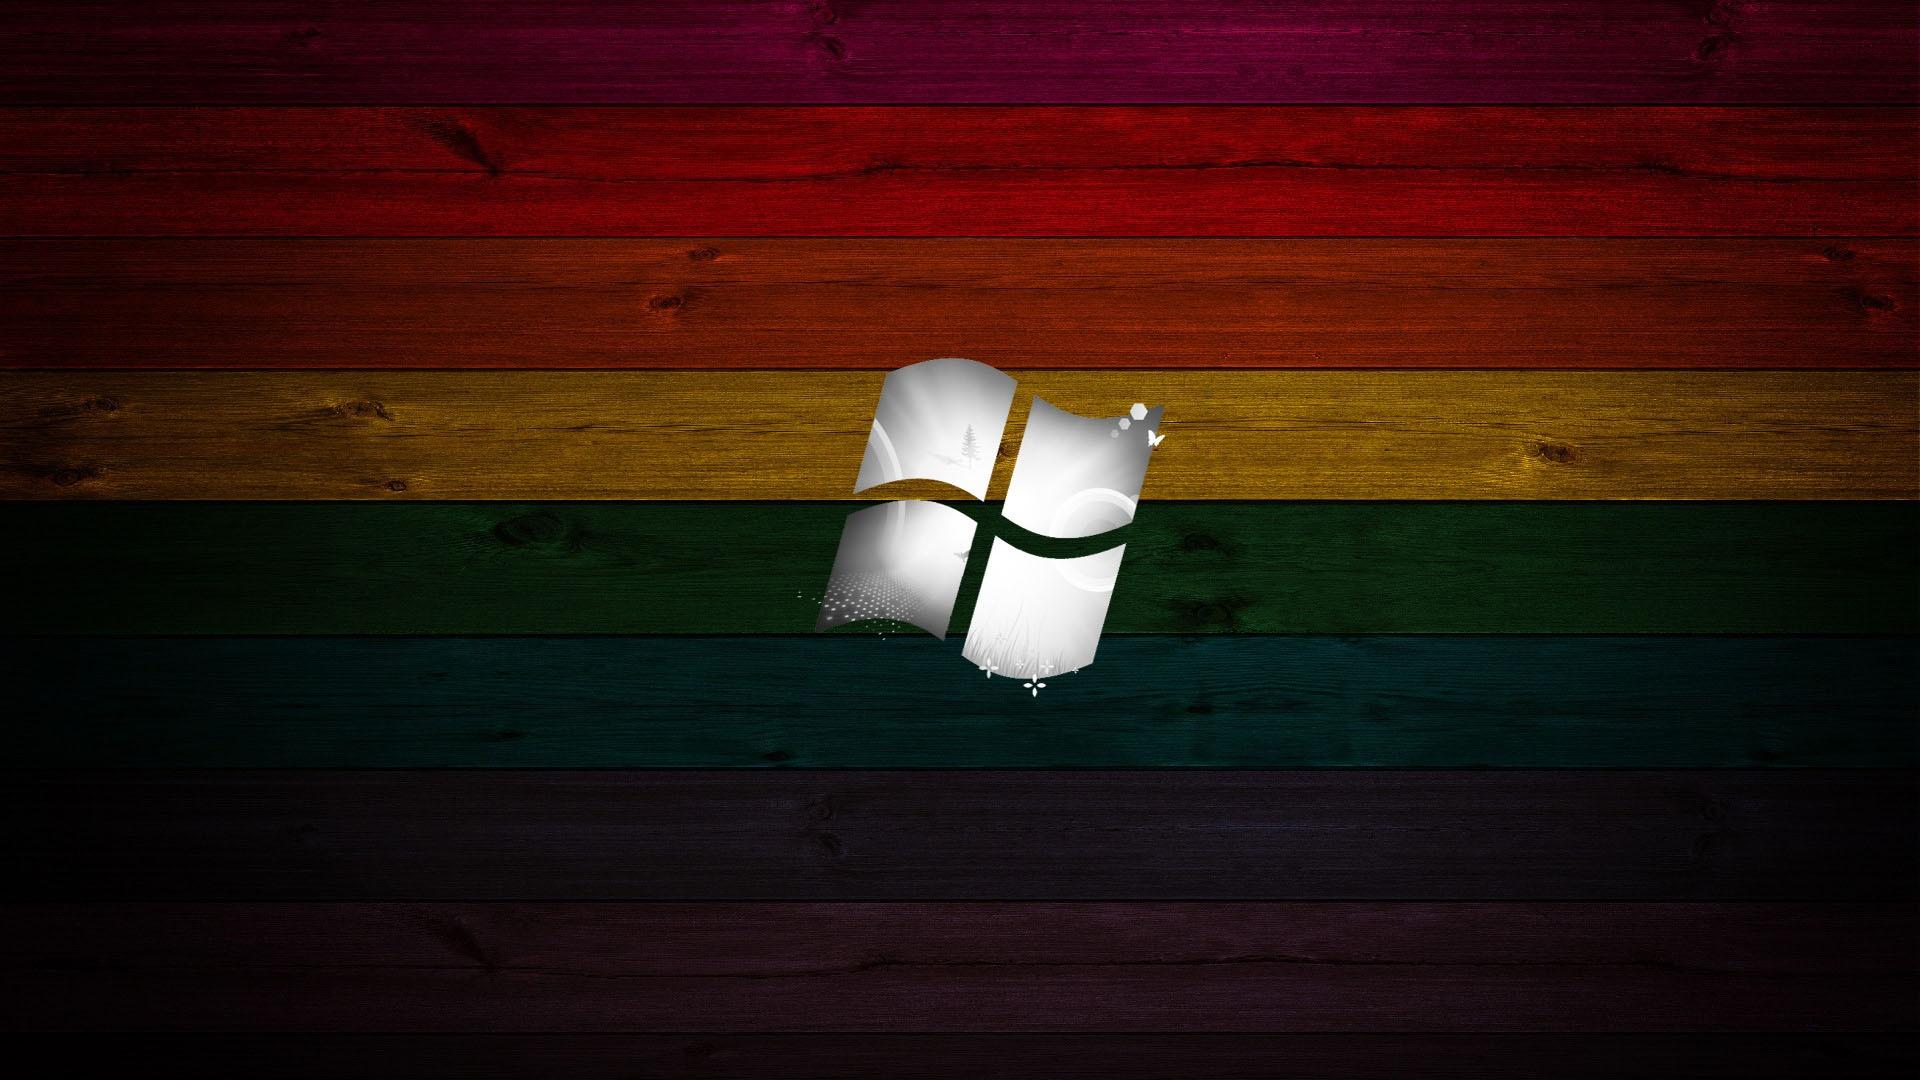 HQ Windows 7 Backup Restore 1920x1080 Wallpaper   HQ Wallpapers 1920x1080